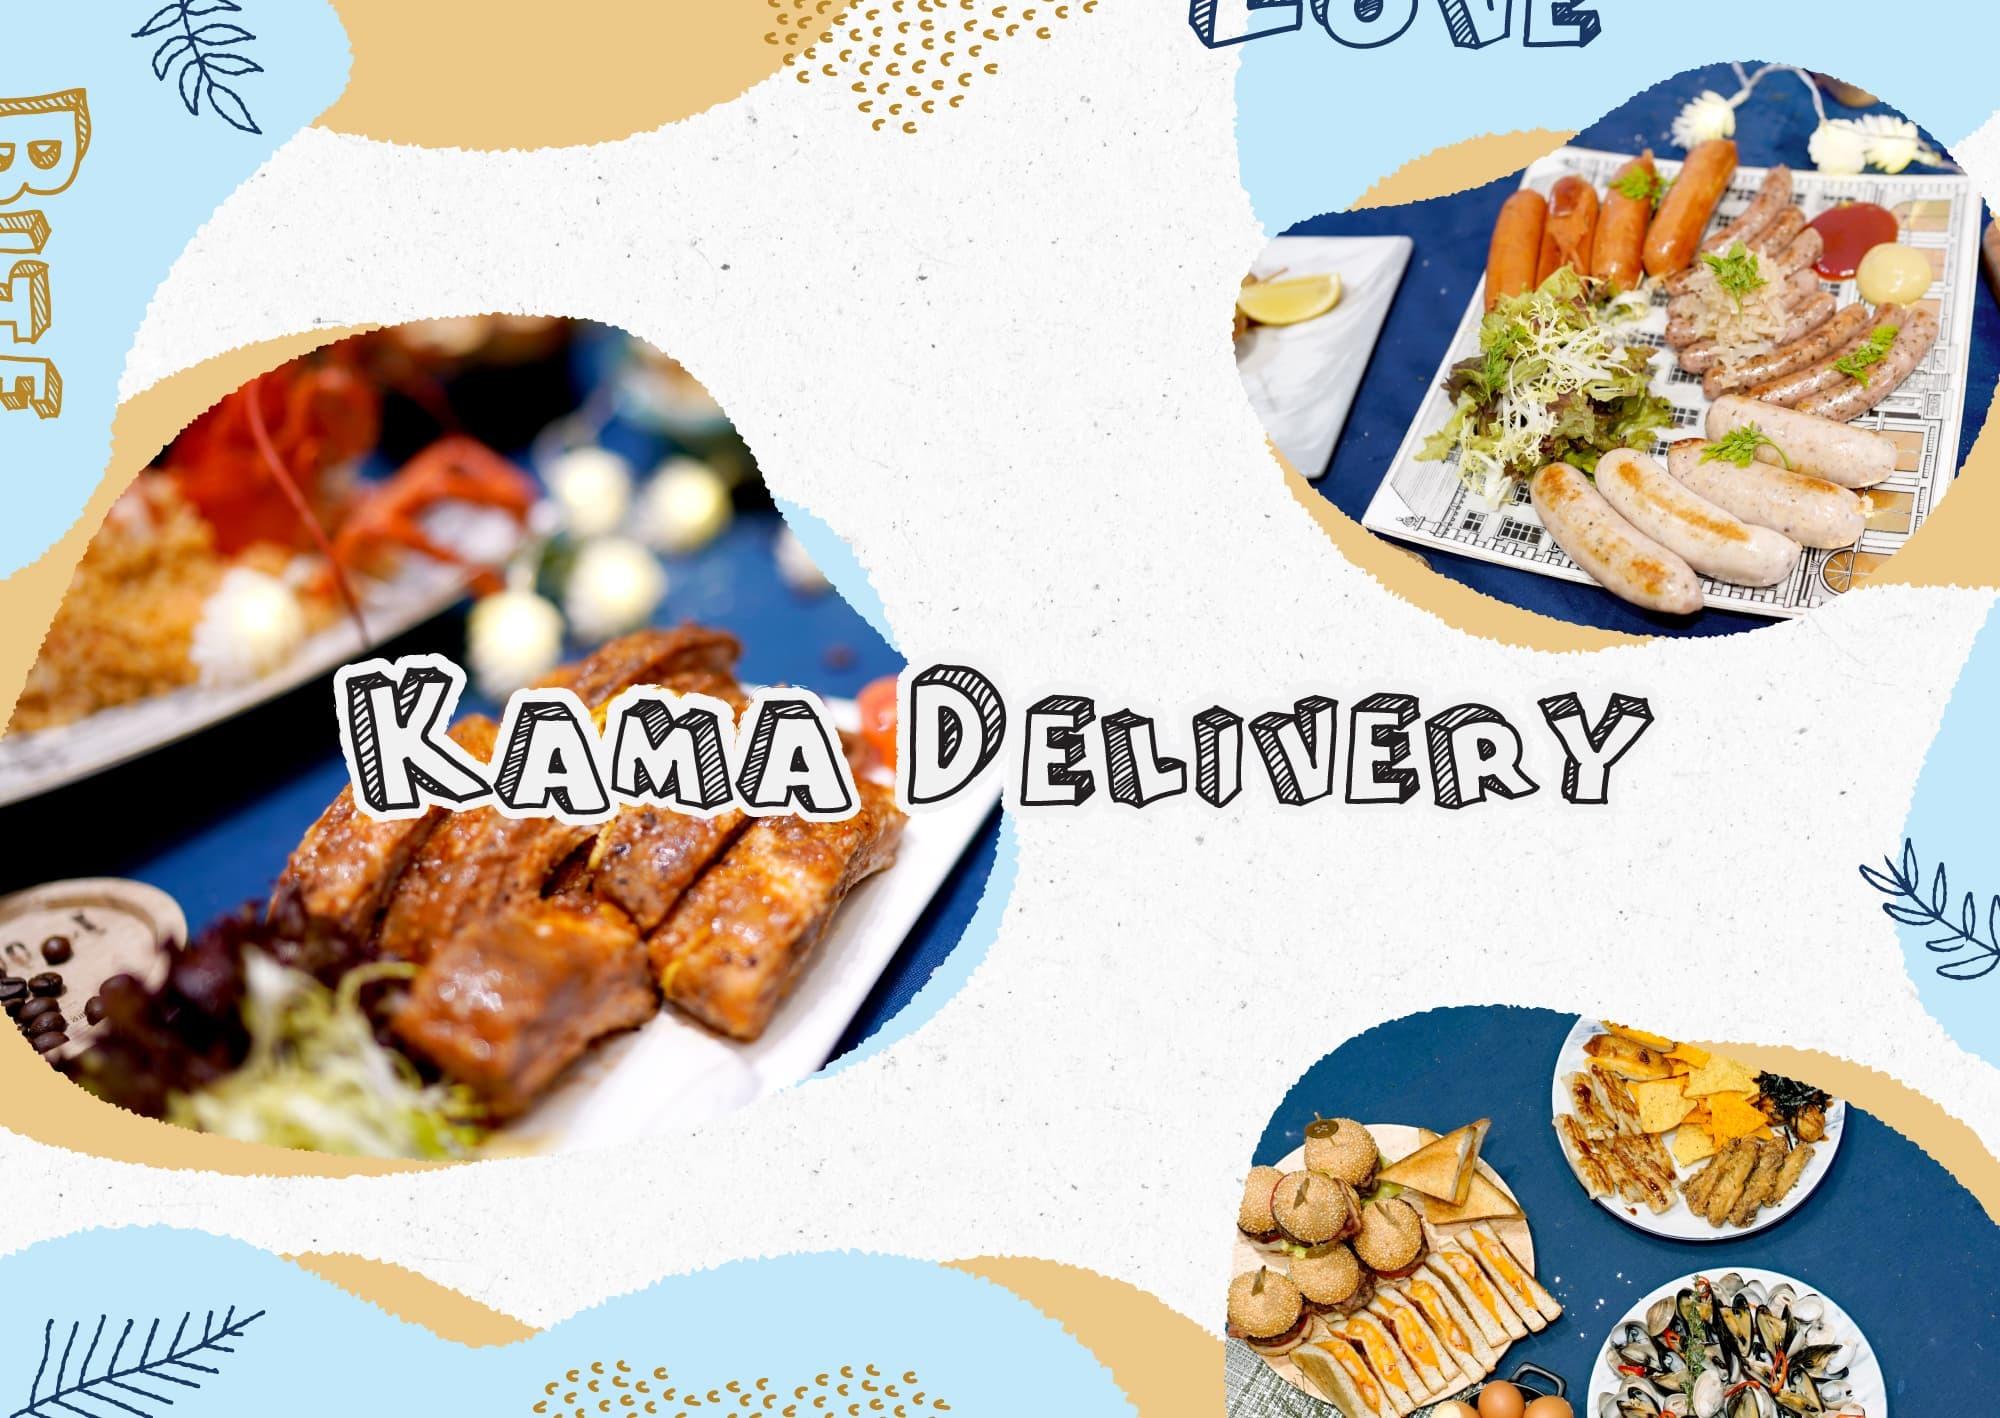 95人外賣套餐預訂|Kama Delivery為大型Party製作各款西式食品,並可為你的派對度身訂造個性化Menu及按人數調整食物份量。